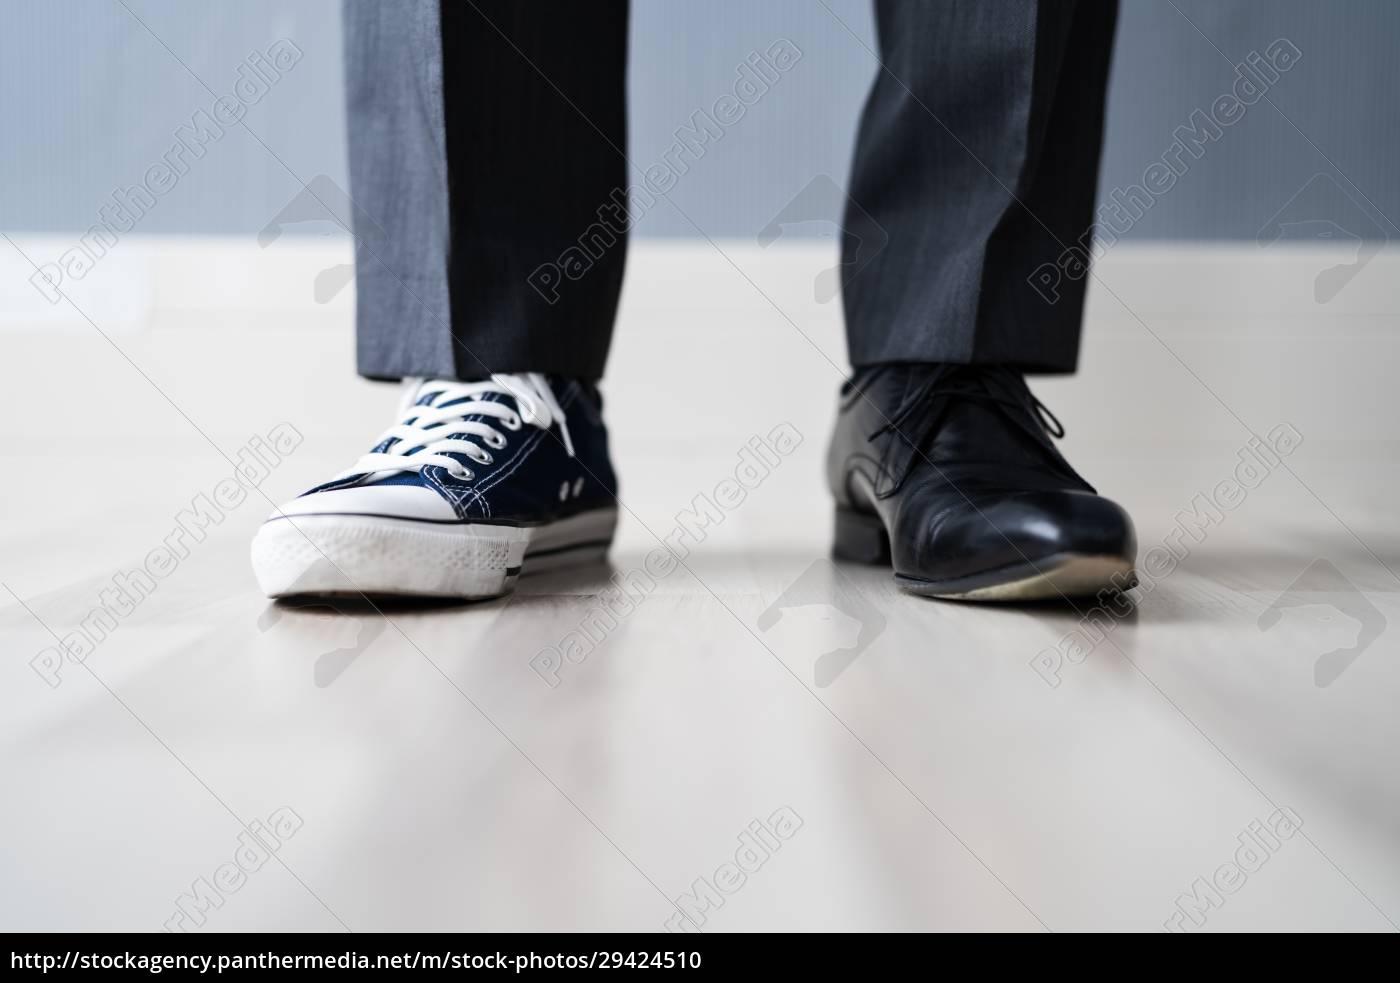 równowaga, między, życiem, zawodowym, a, prywatnym - 29424510